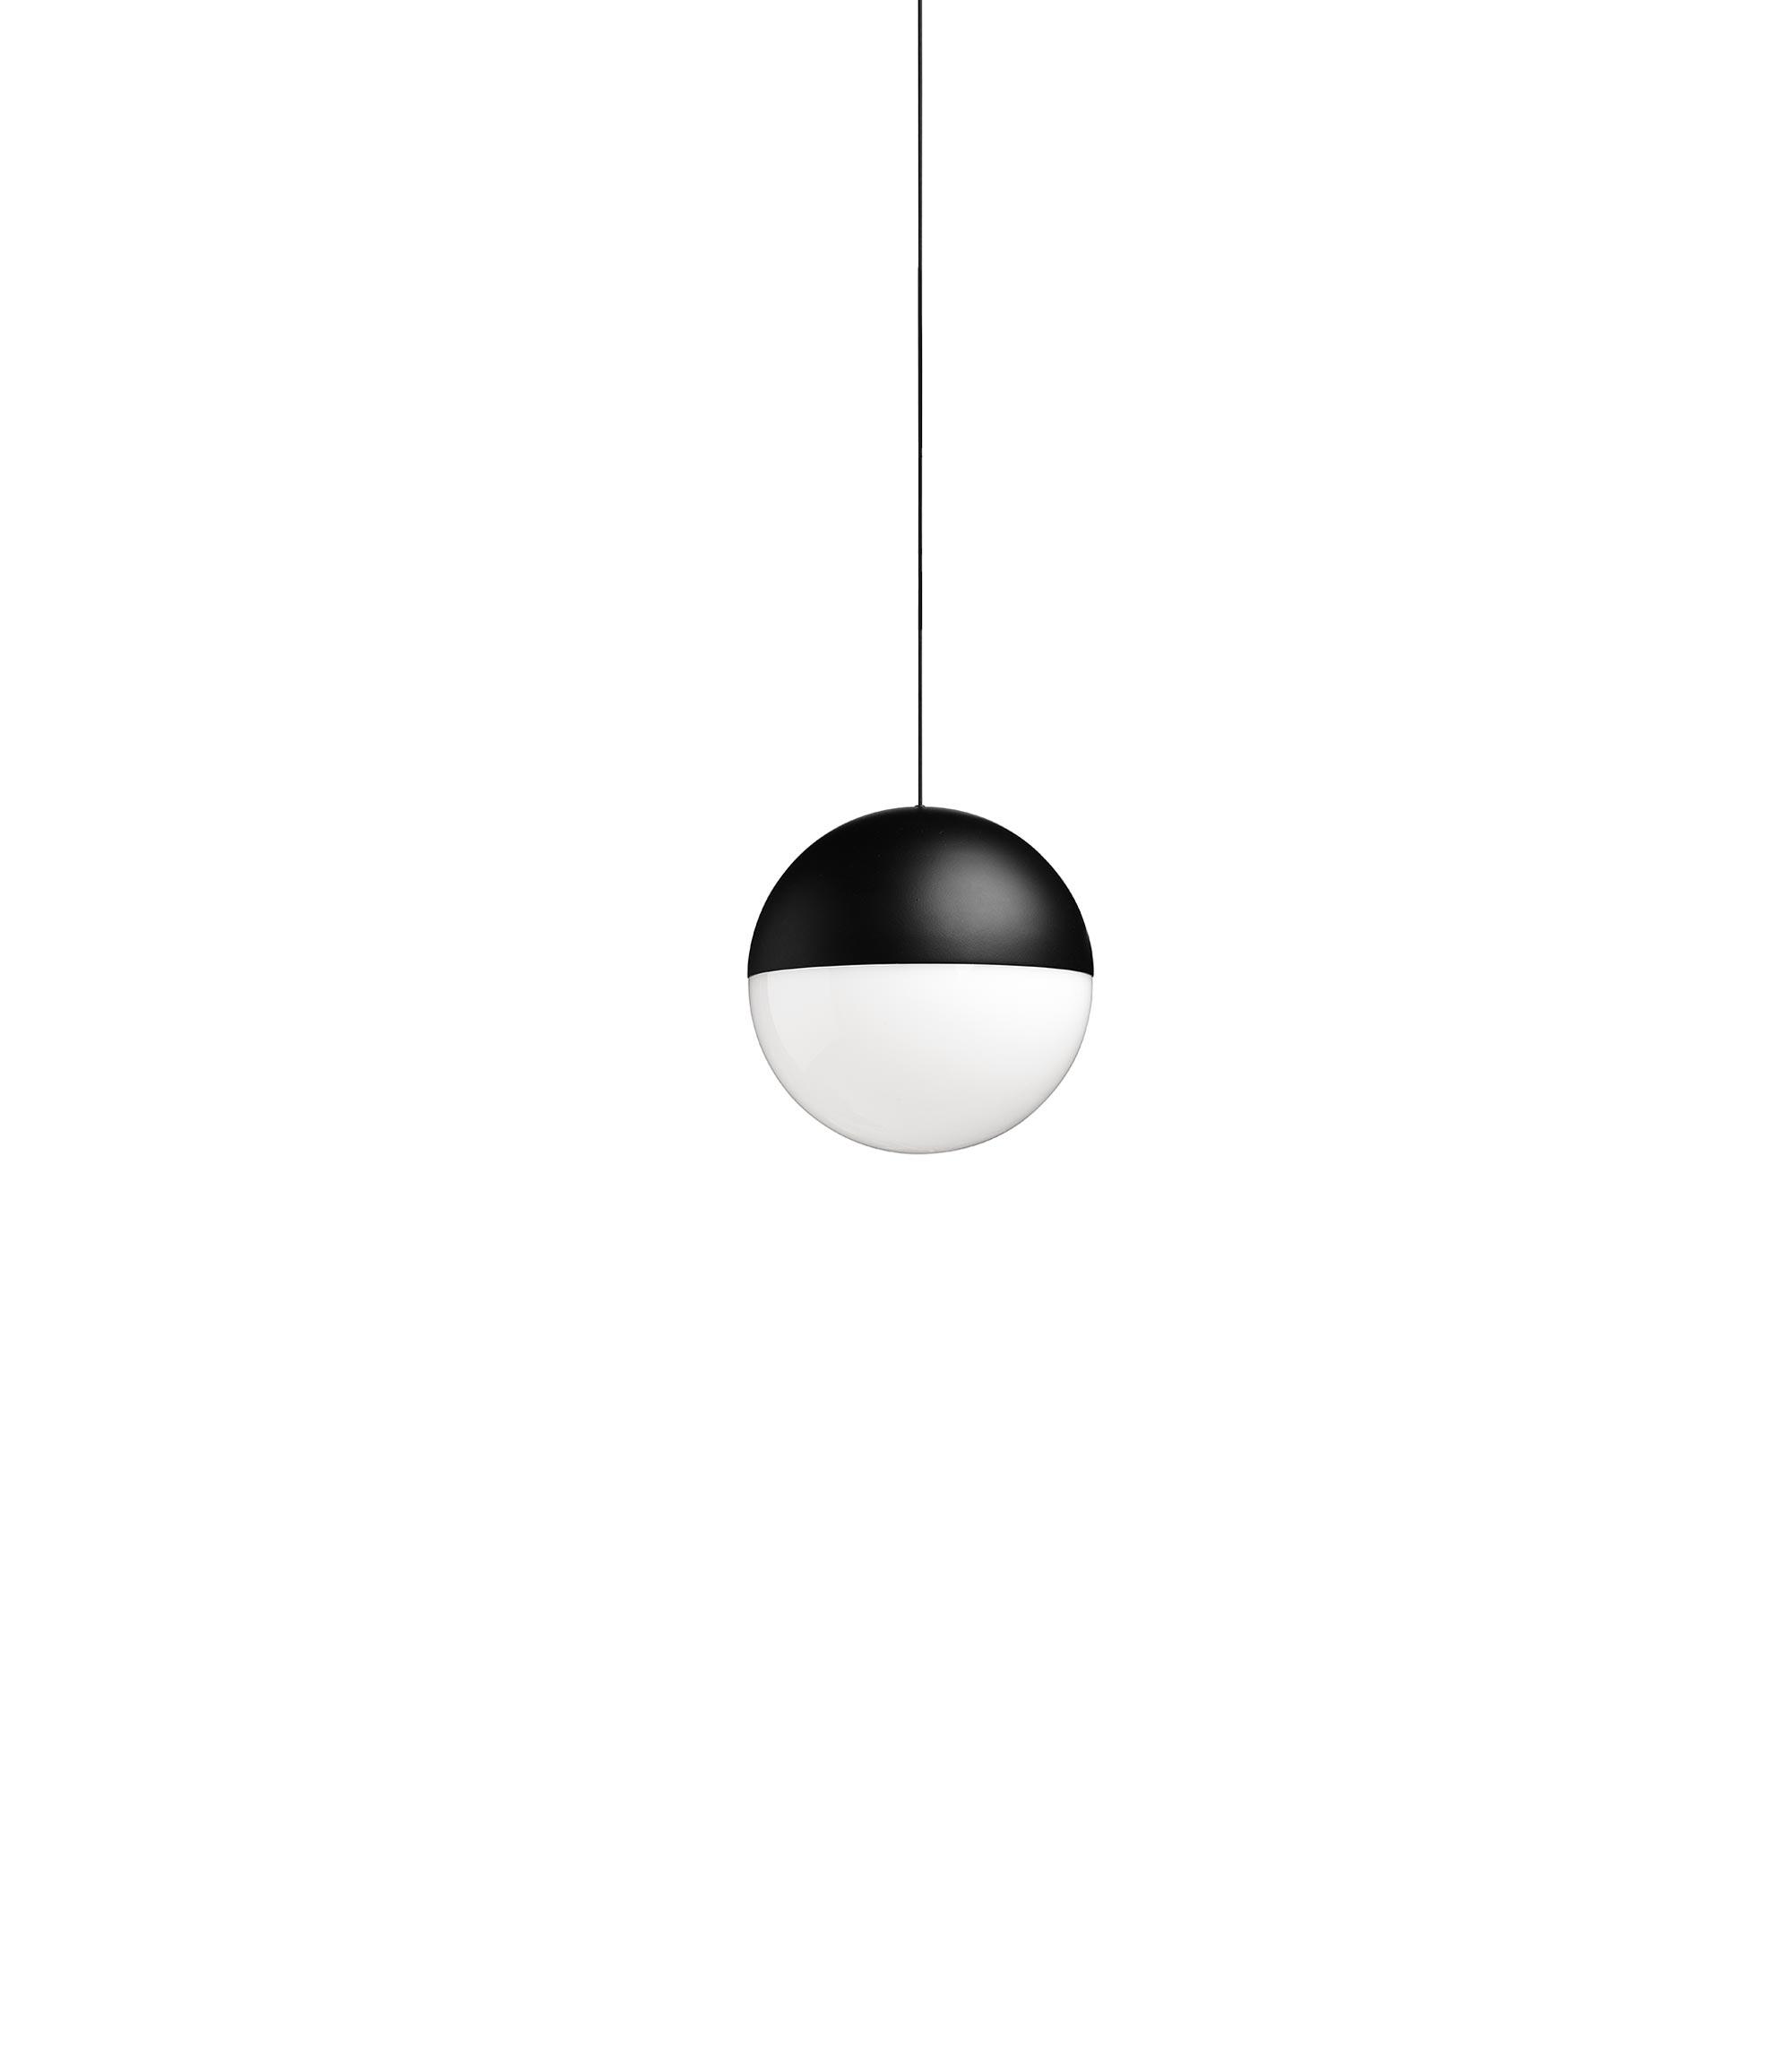 String light suspension sphere anastassiades flos F6490030 product still life big